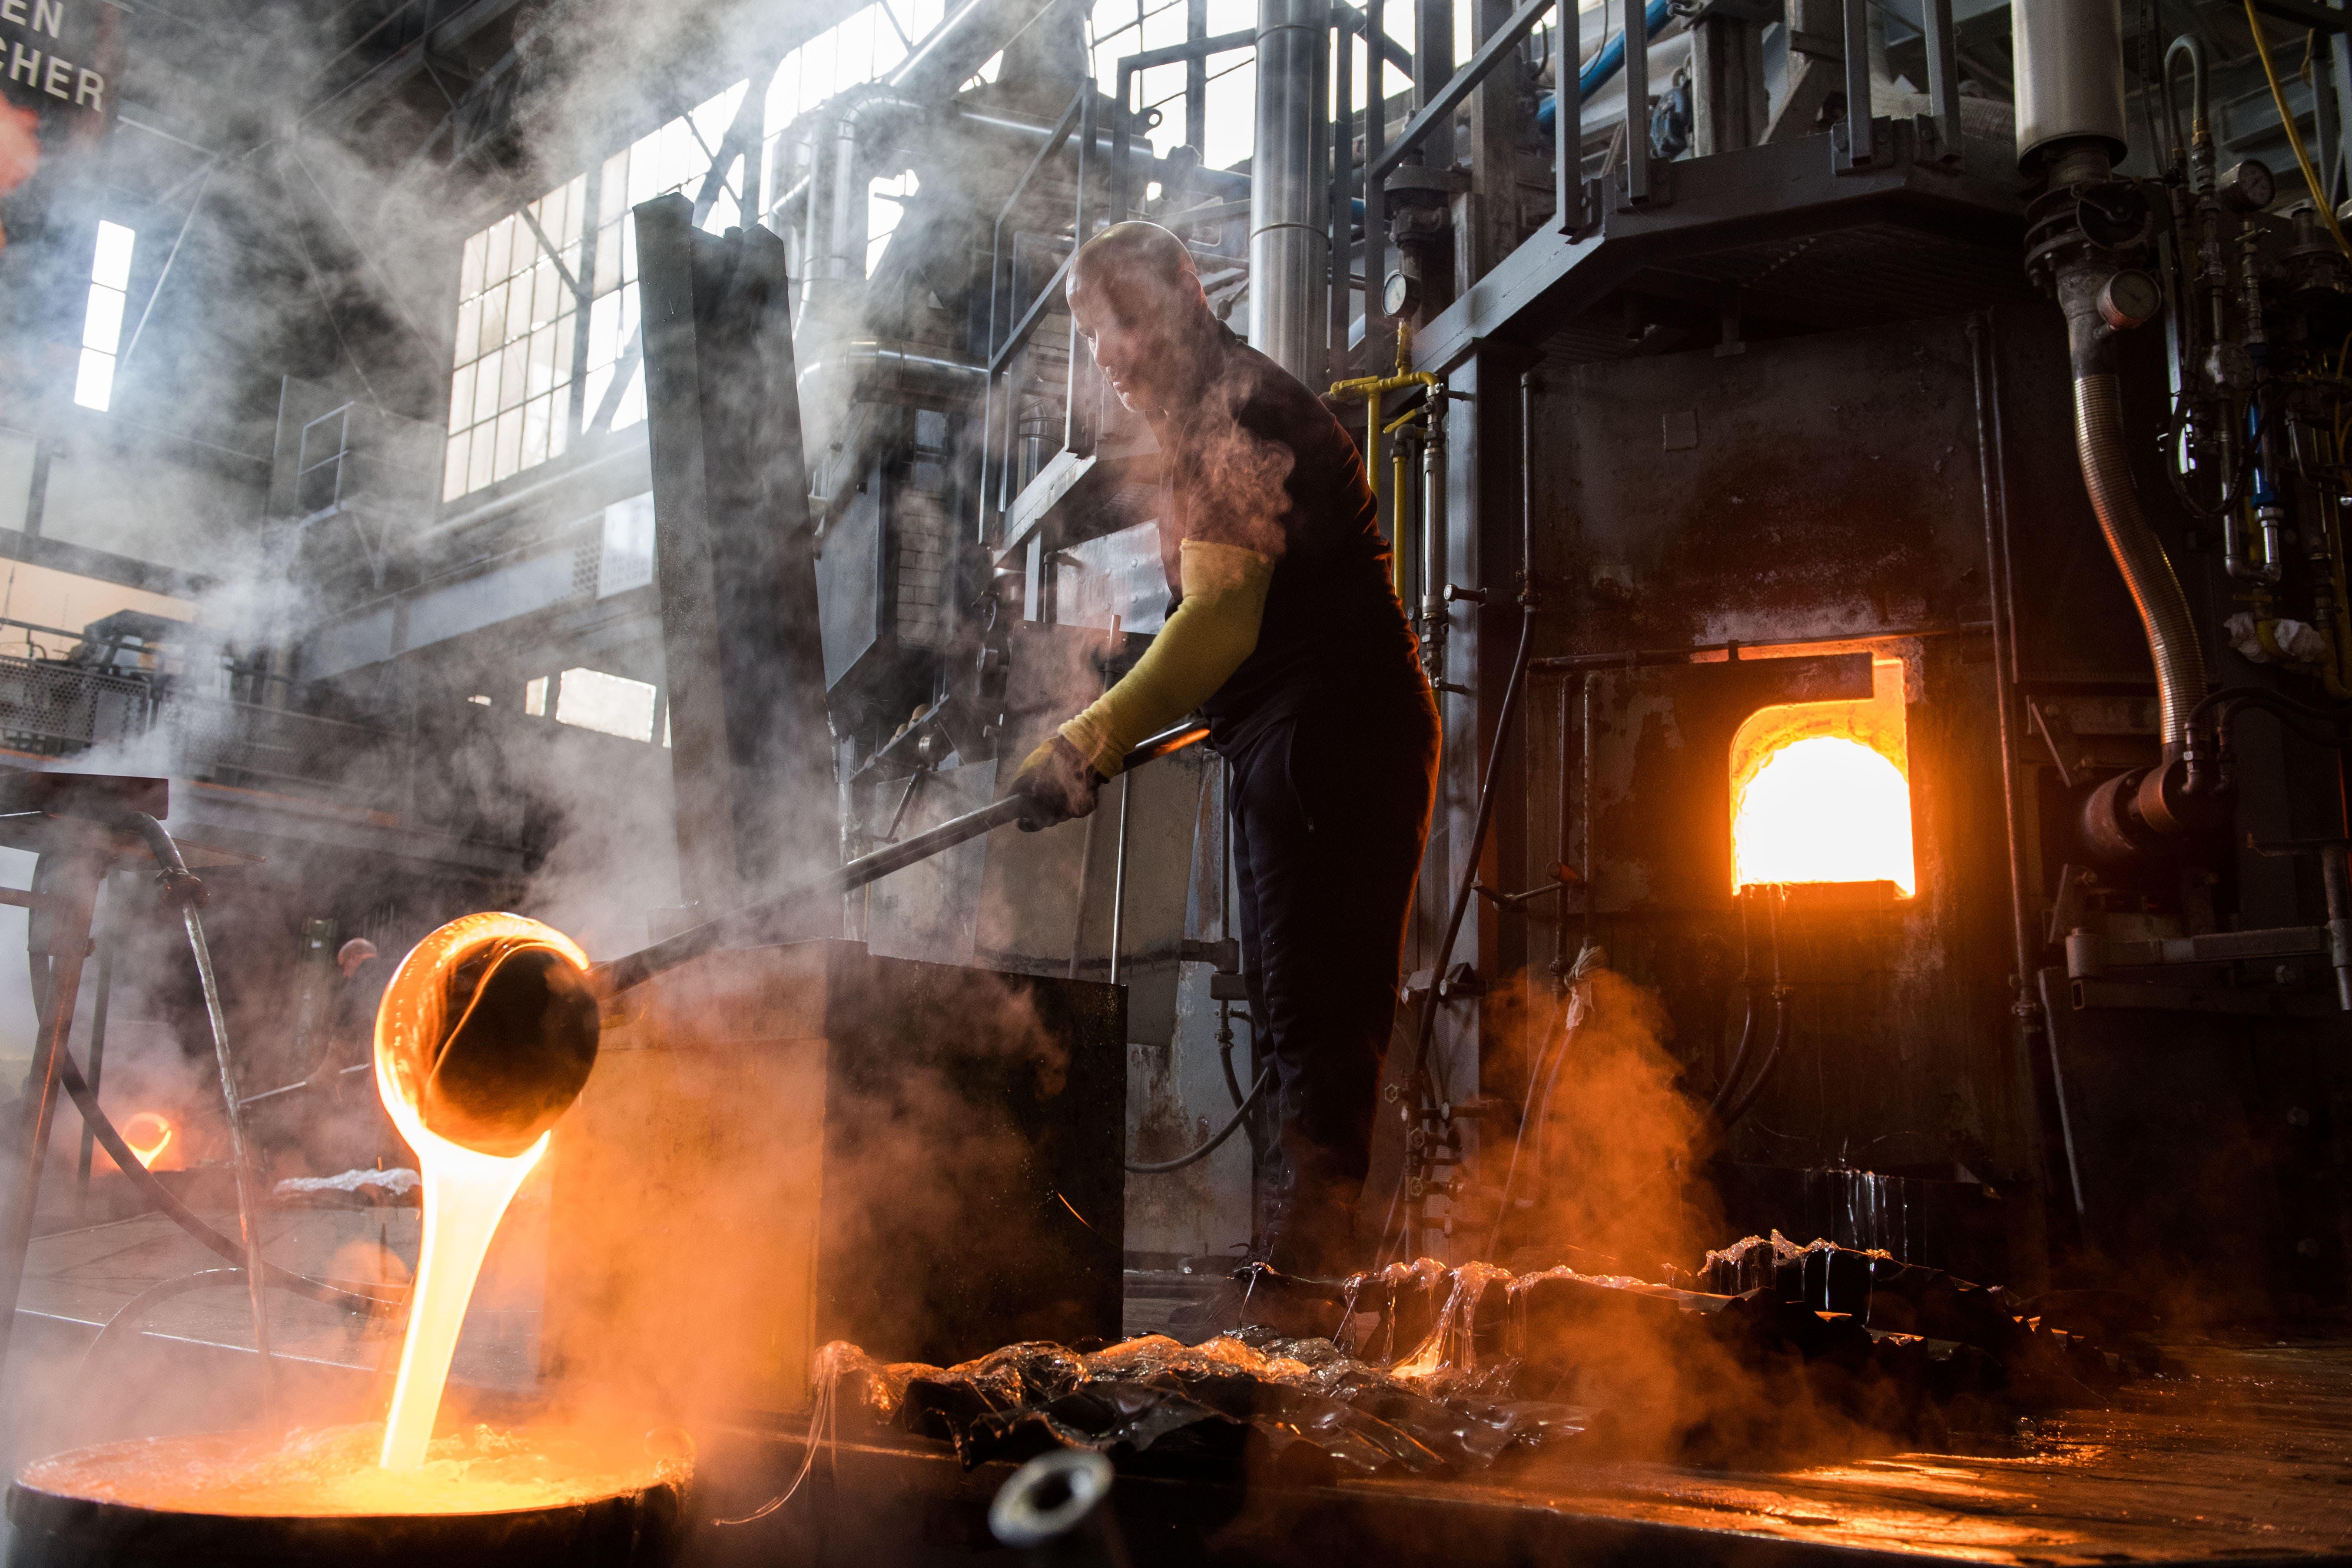 Mitarbeiter schöpfen auch von Hand Glas aus dem Ofen in einen mit Wasser gefüllten Tank ab.